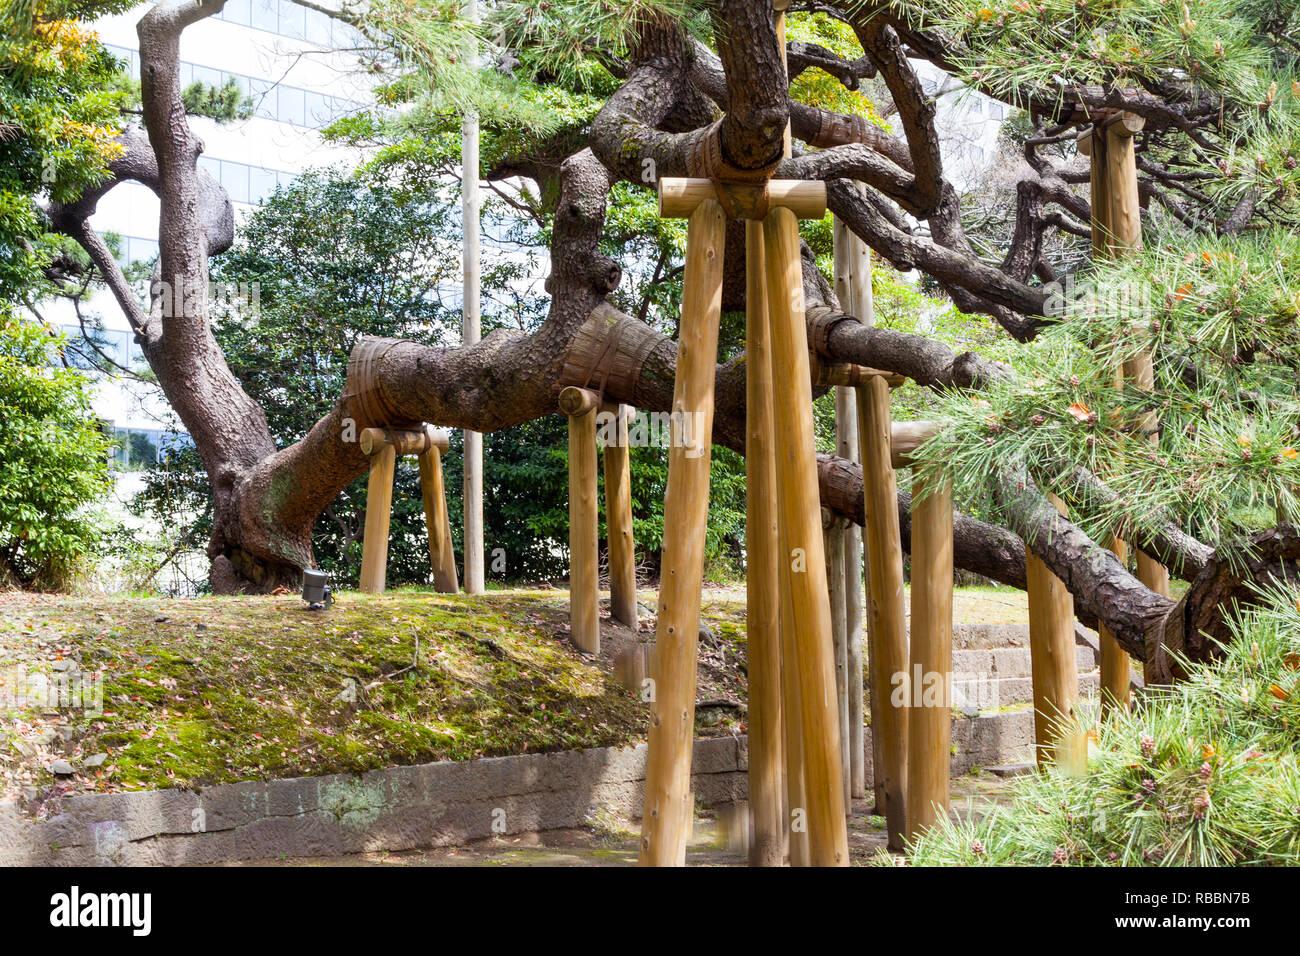 300 Year Old Pine Tree In Tokyo Hamarikyu Gardens Stock ...